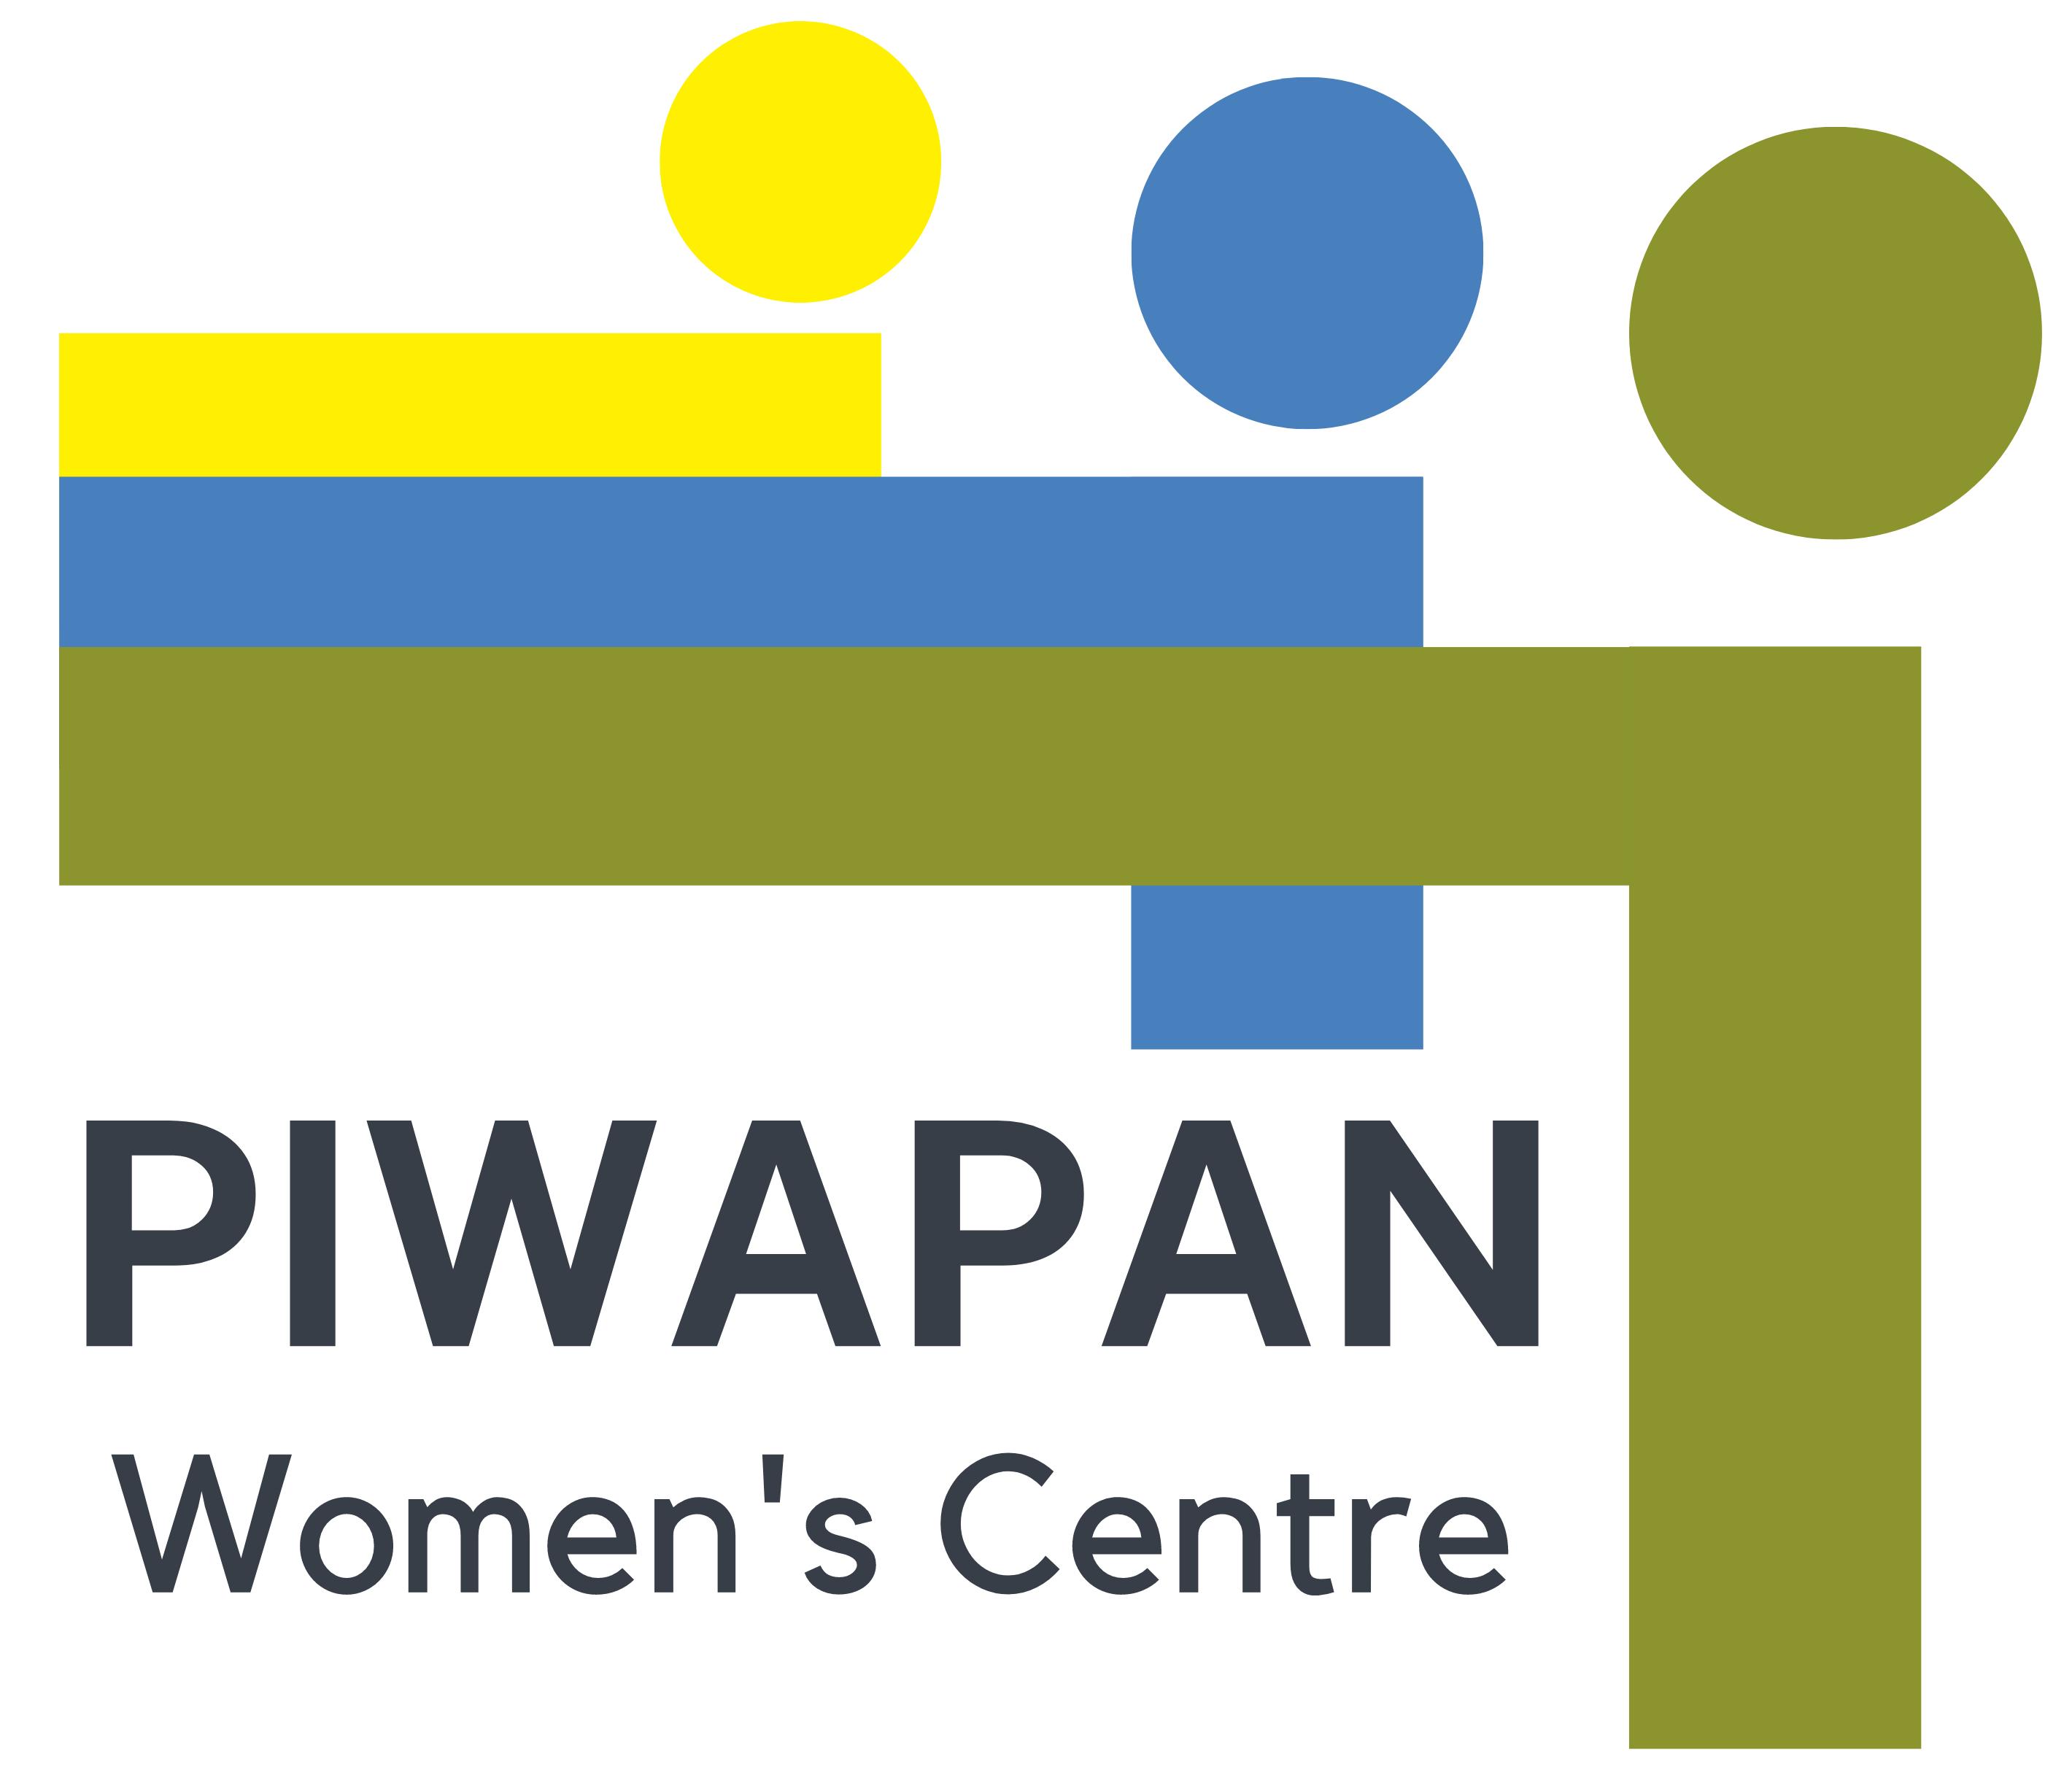 Piwapan Women's Centre logo